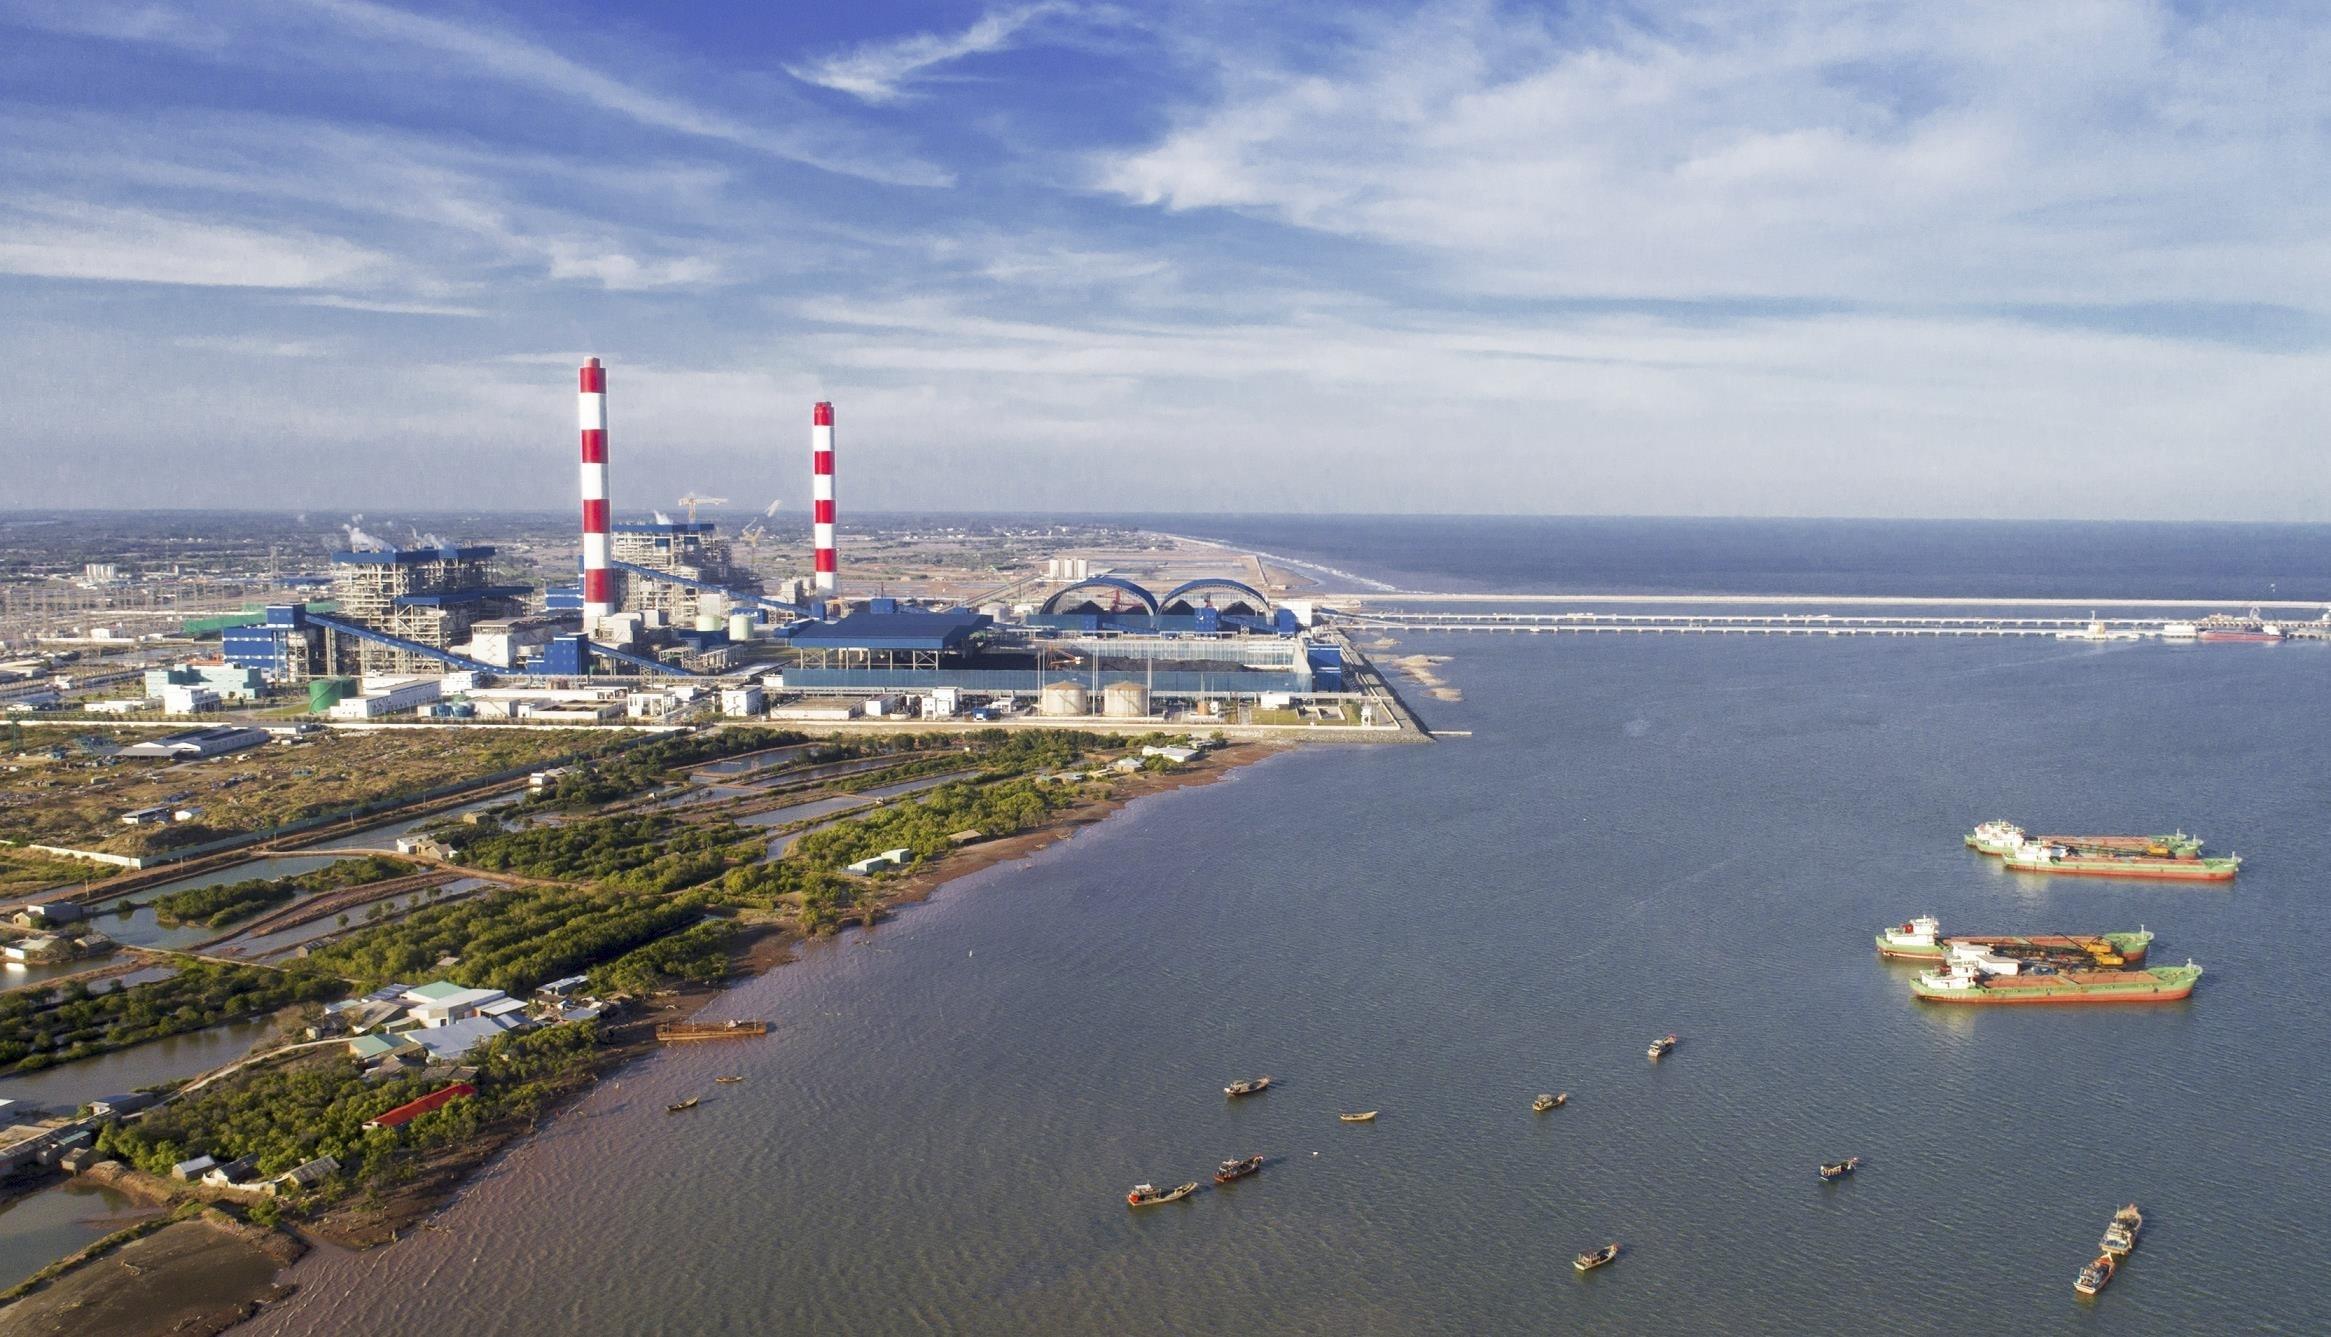 Hoàn thiện dự thảo Nghị định mới quy định về giao khu vực biển